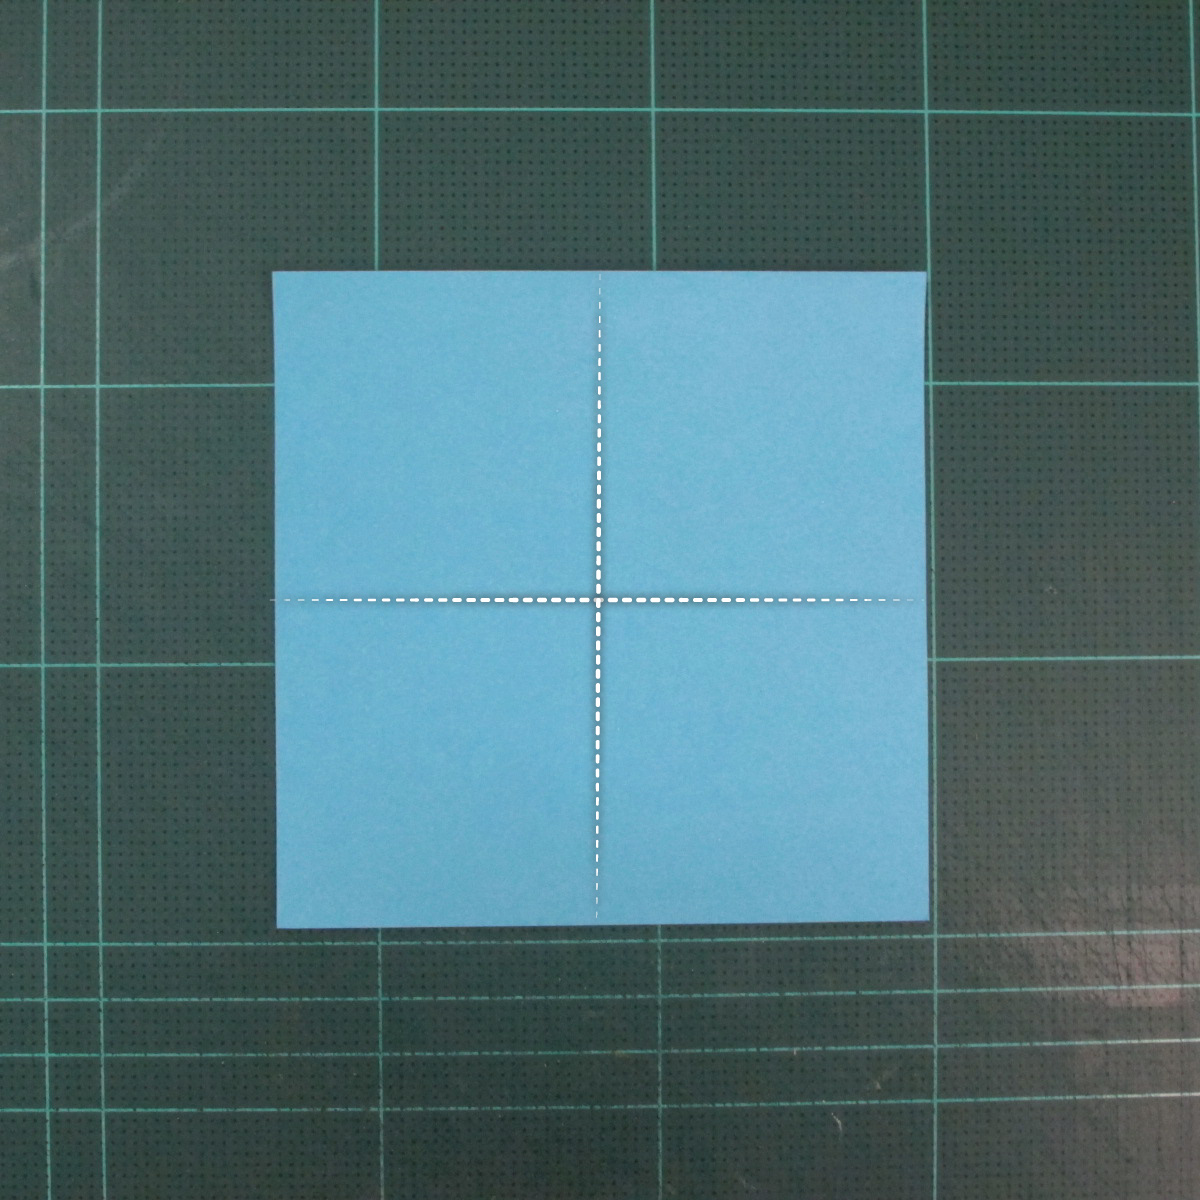 วิธีพับกระดาษเป็นถาดใส่ขนมรูปดาวแปดแฉก (Origami Eight Point Star Candy Tray) 002